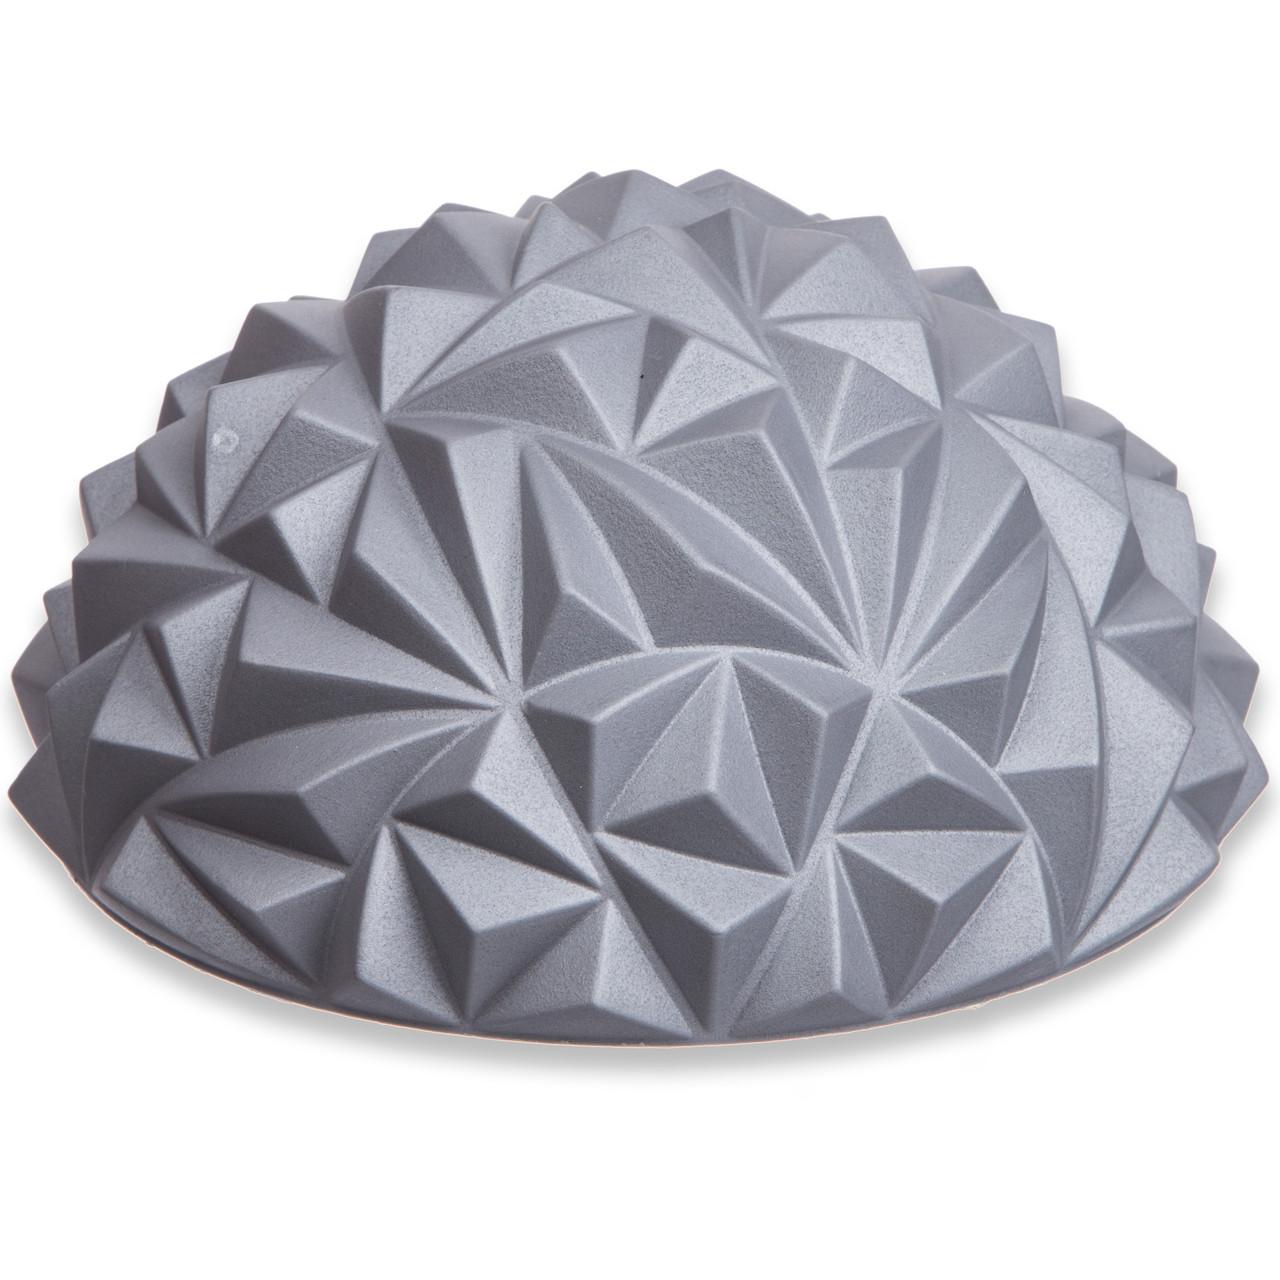 Масажна півсфера балансувальна (діаметр - 16 см, висота - 8 см) - 1 шт, колір - сірий